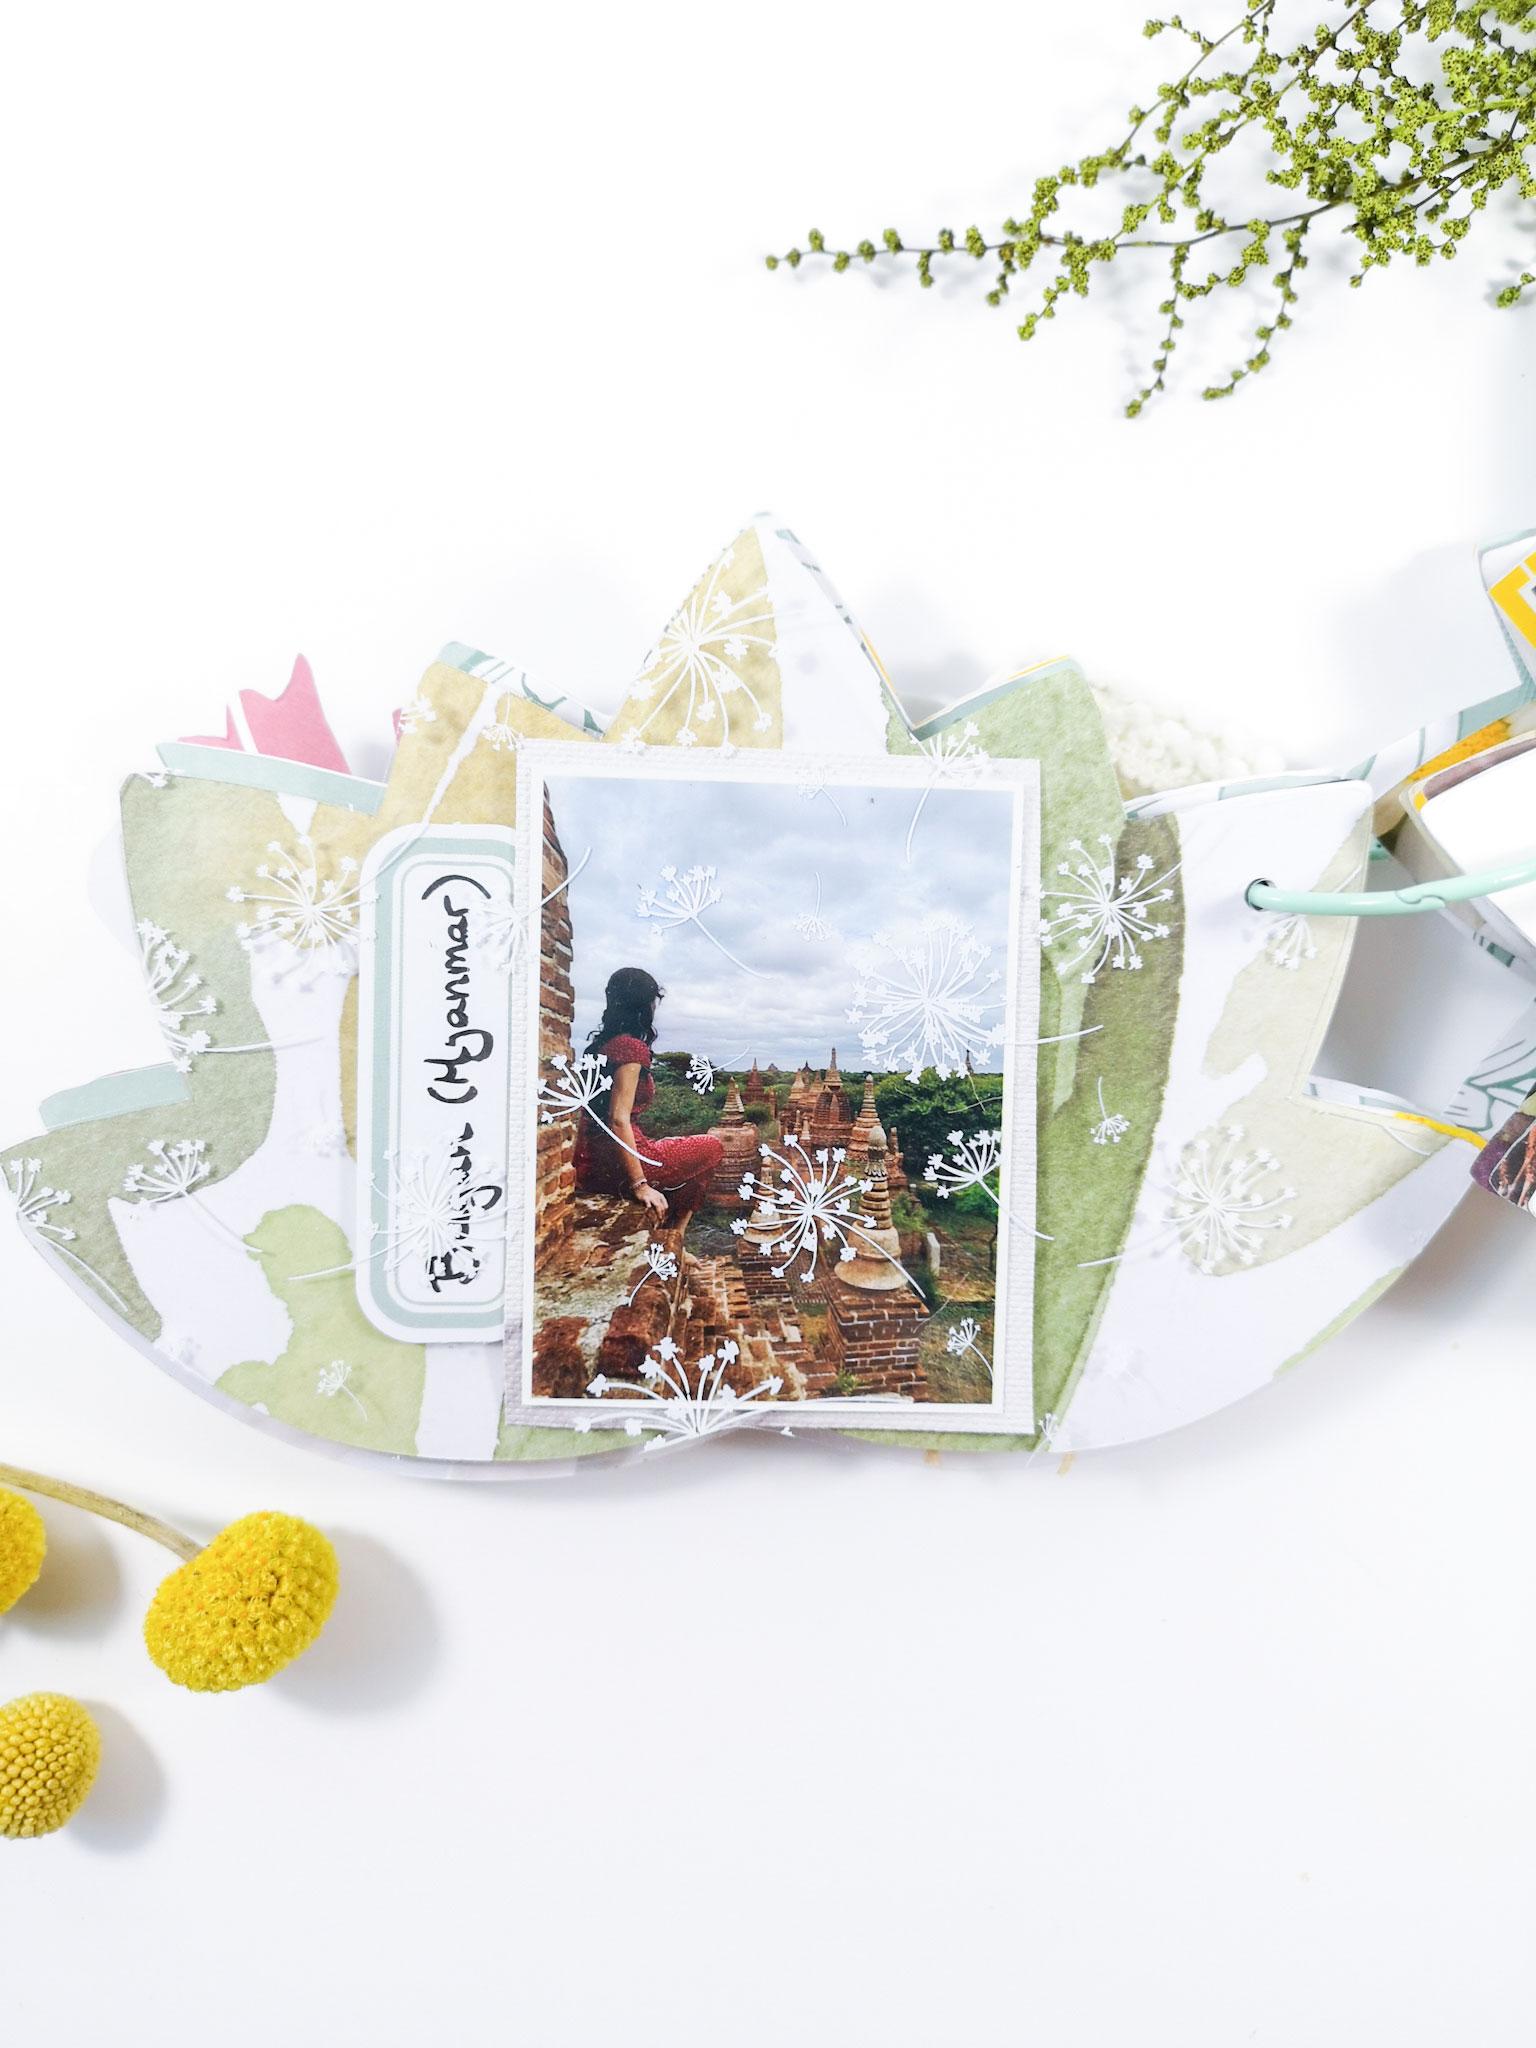 Cocoloko-album-dulce-serendipia-13.jpg